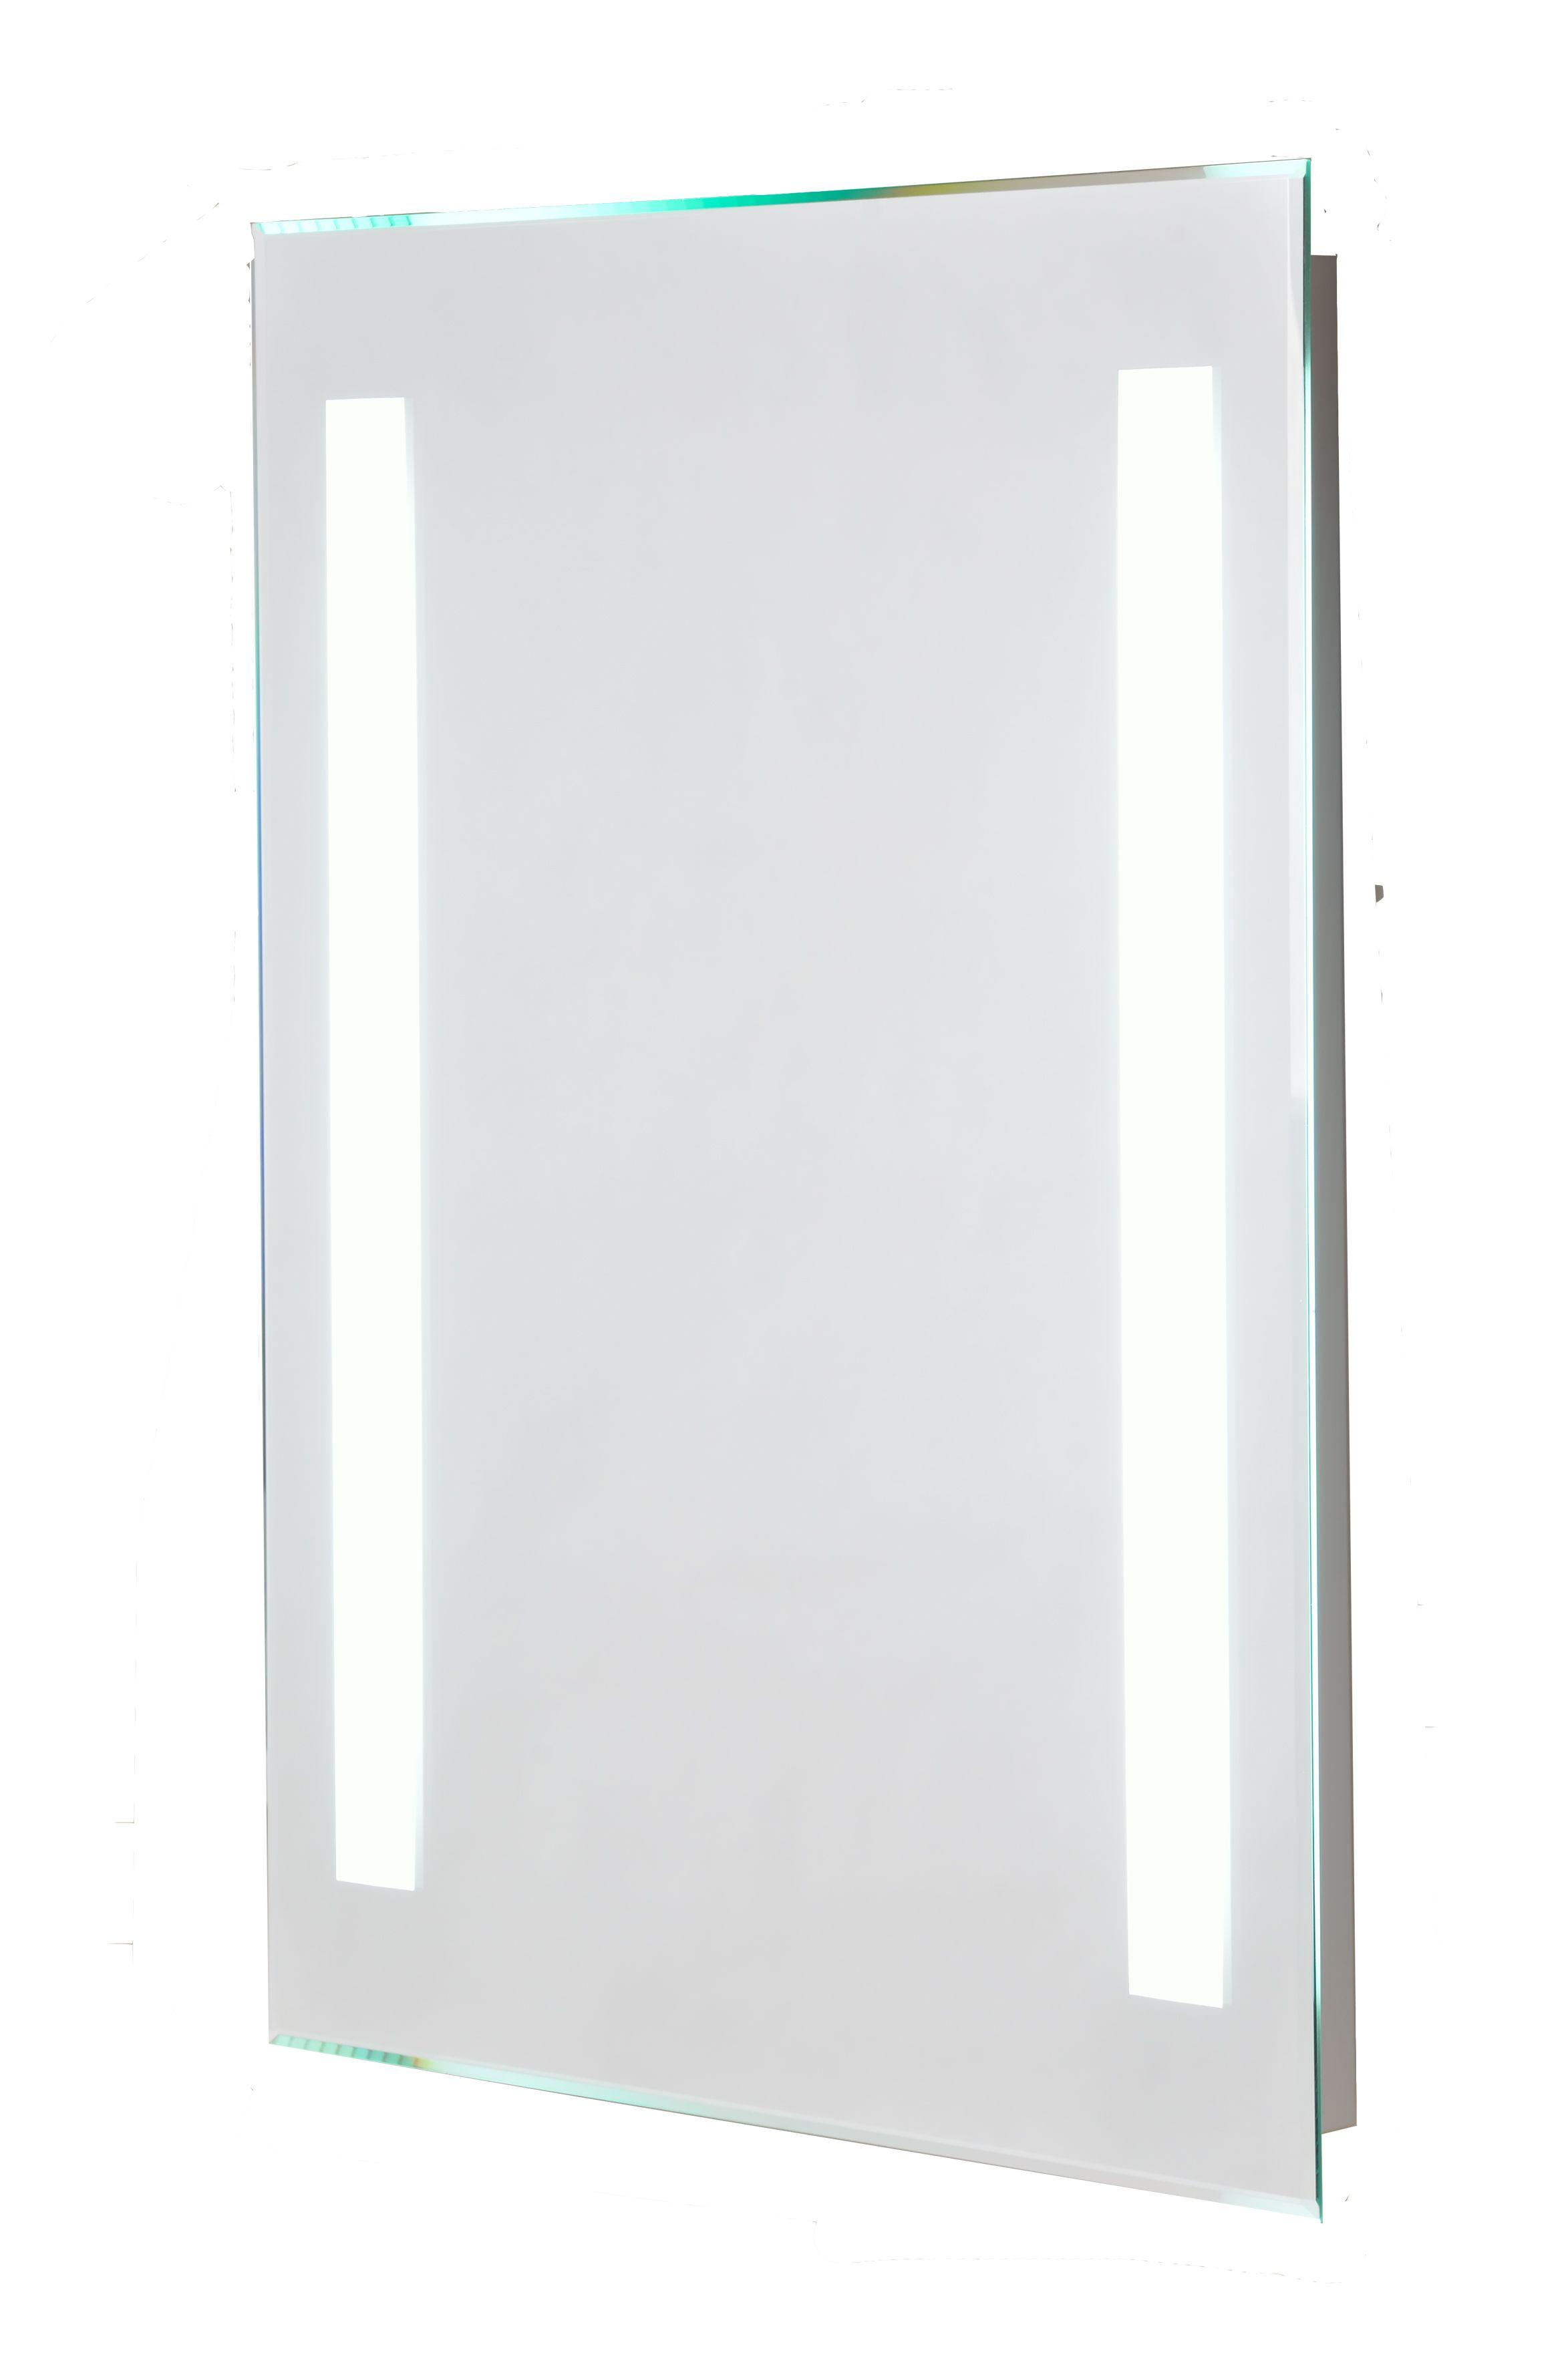 Hestia Illuminated Mirror, £102.95, BetterBathrooms.com | Bathrooms ...